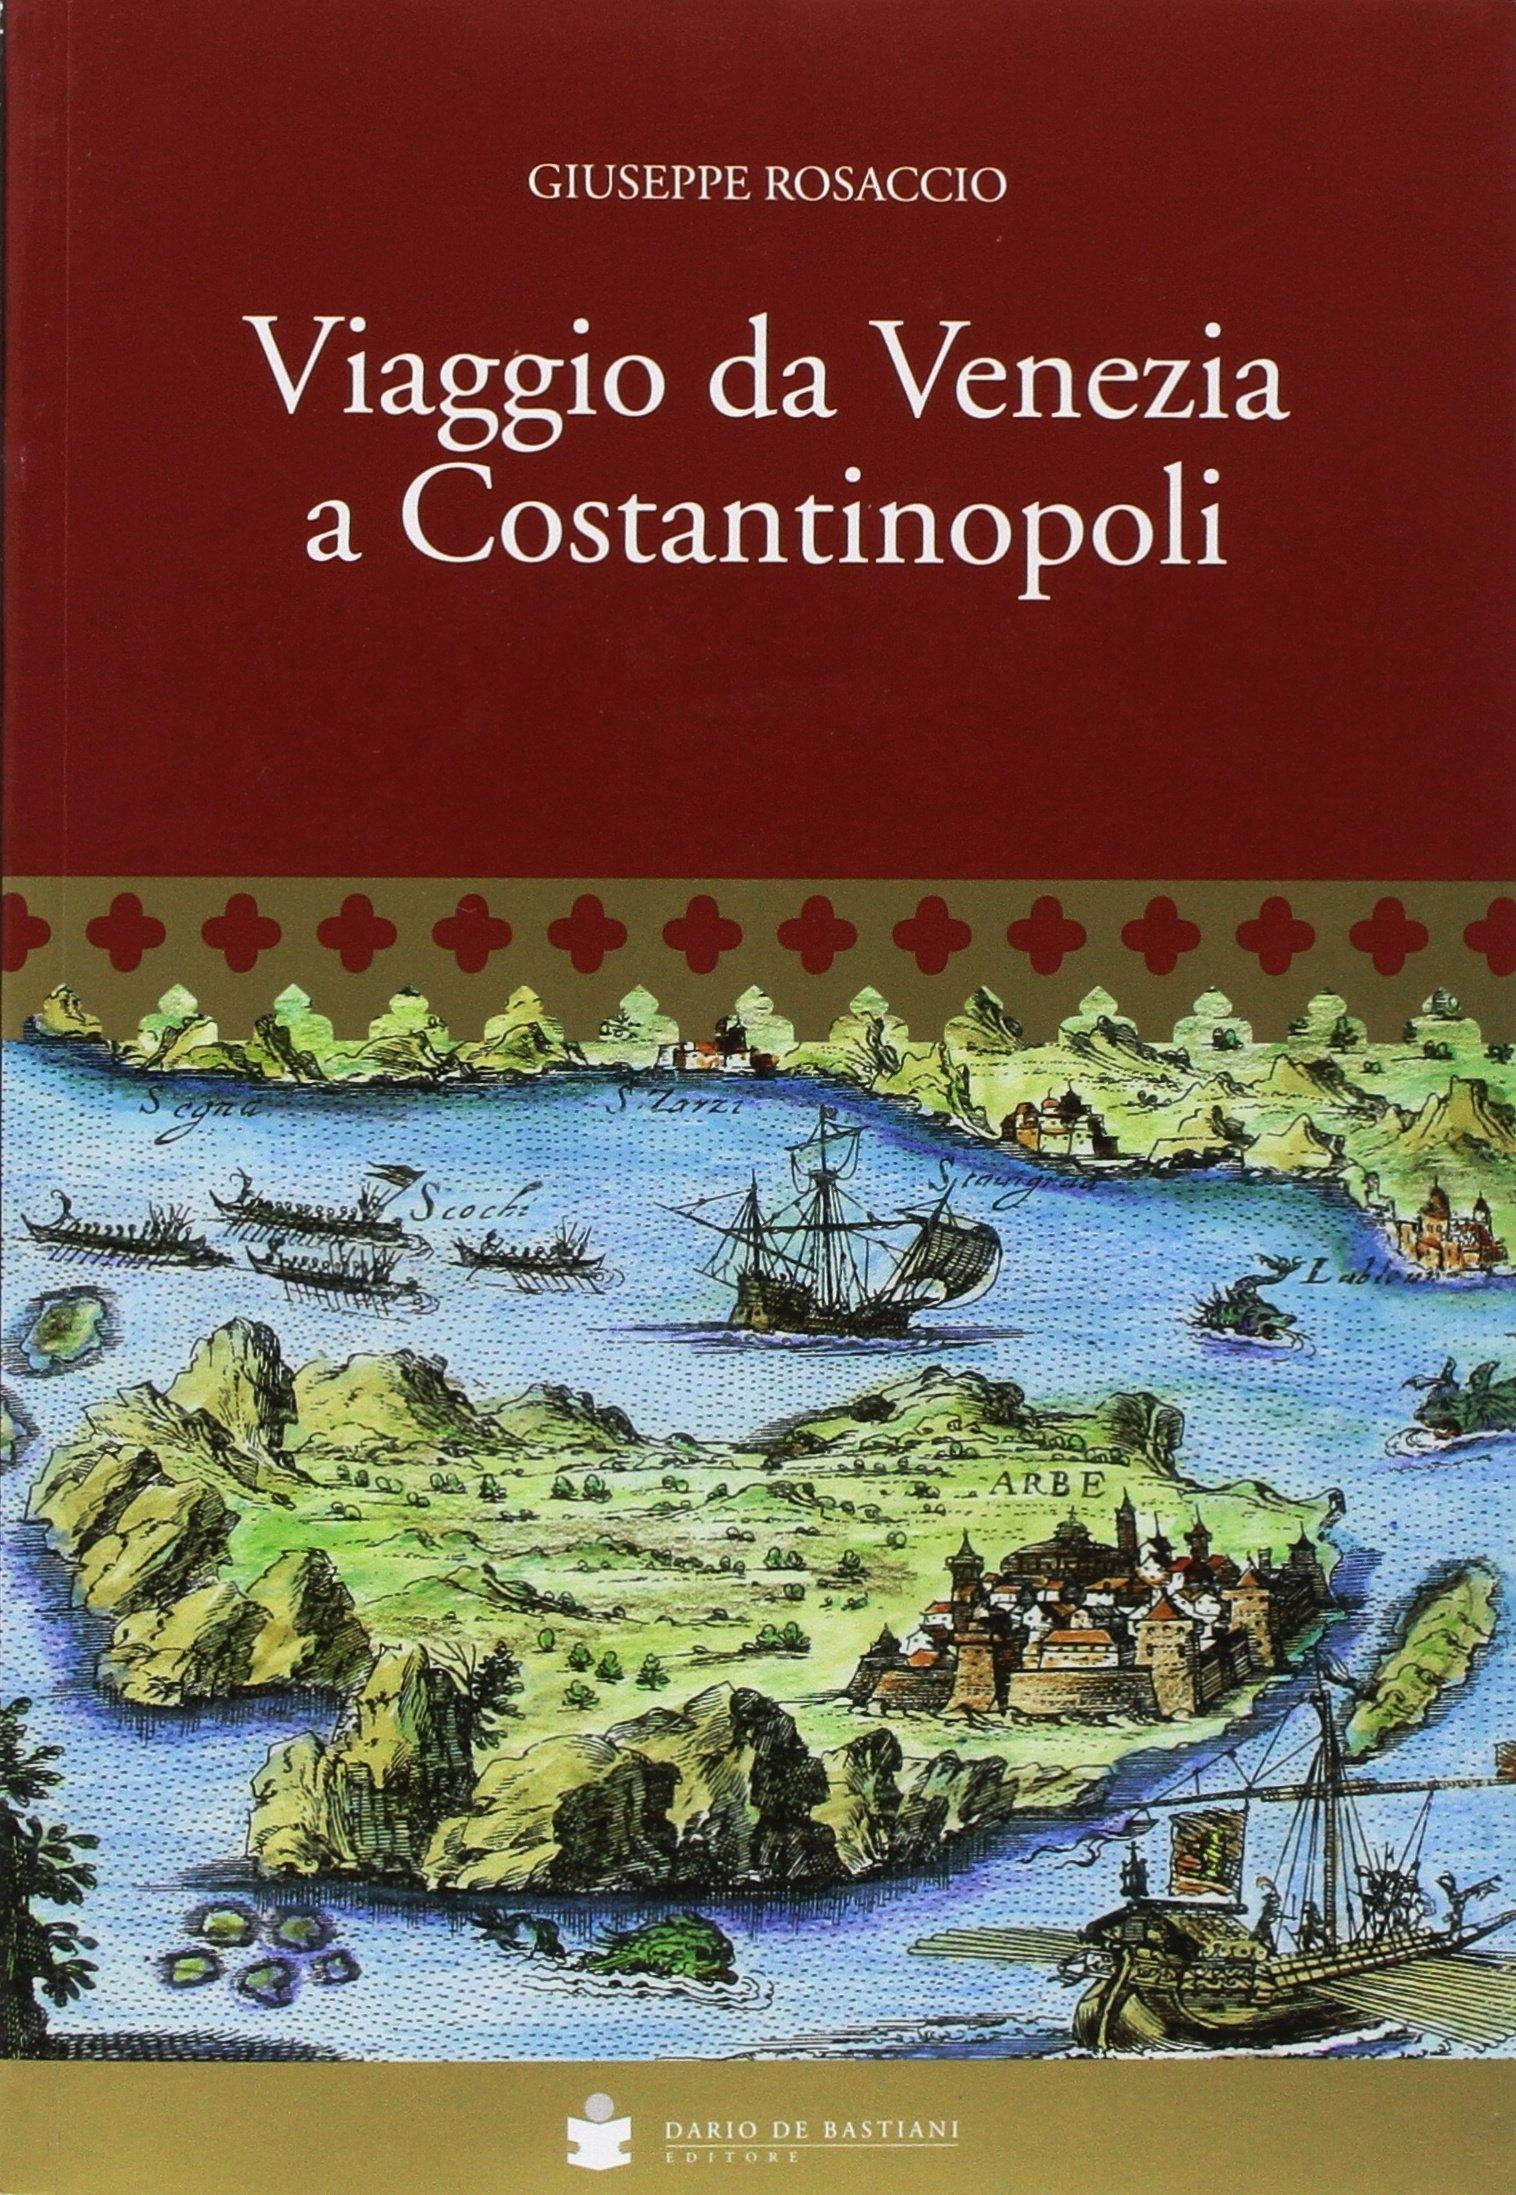 Viaggio da Venezia a Costantinopoli